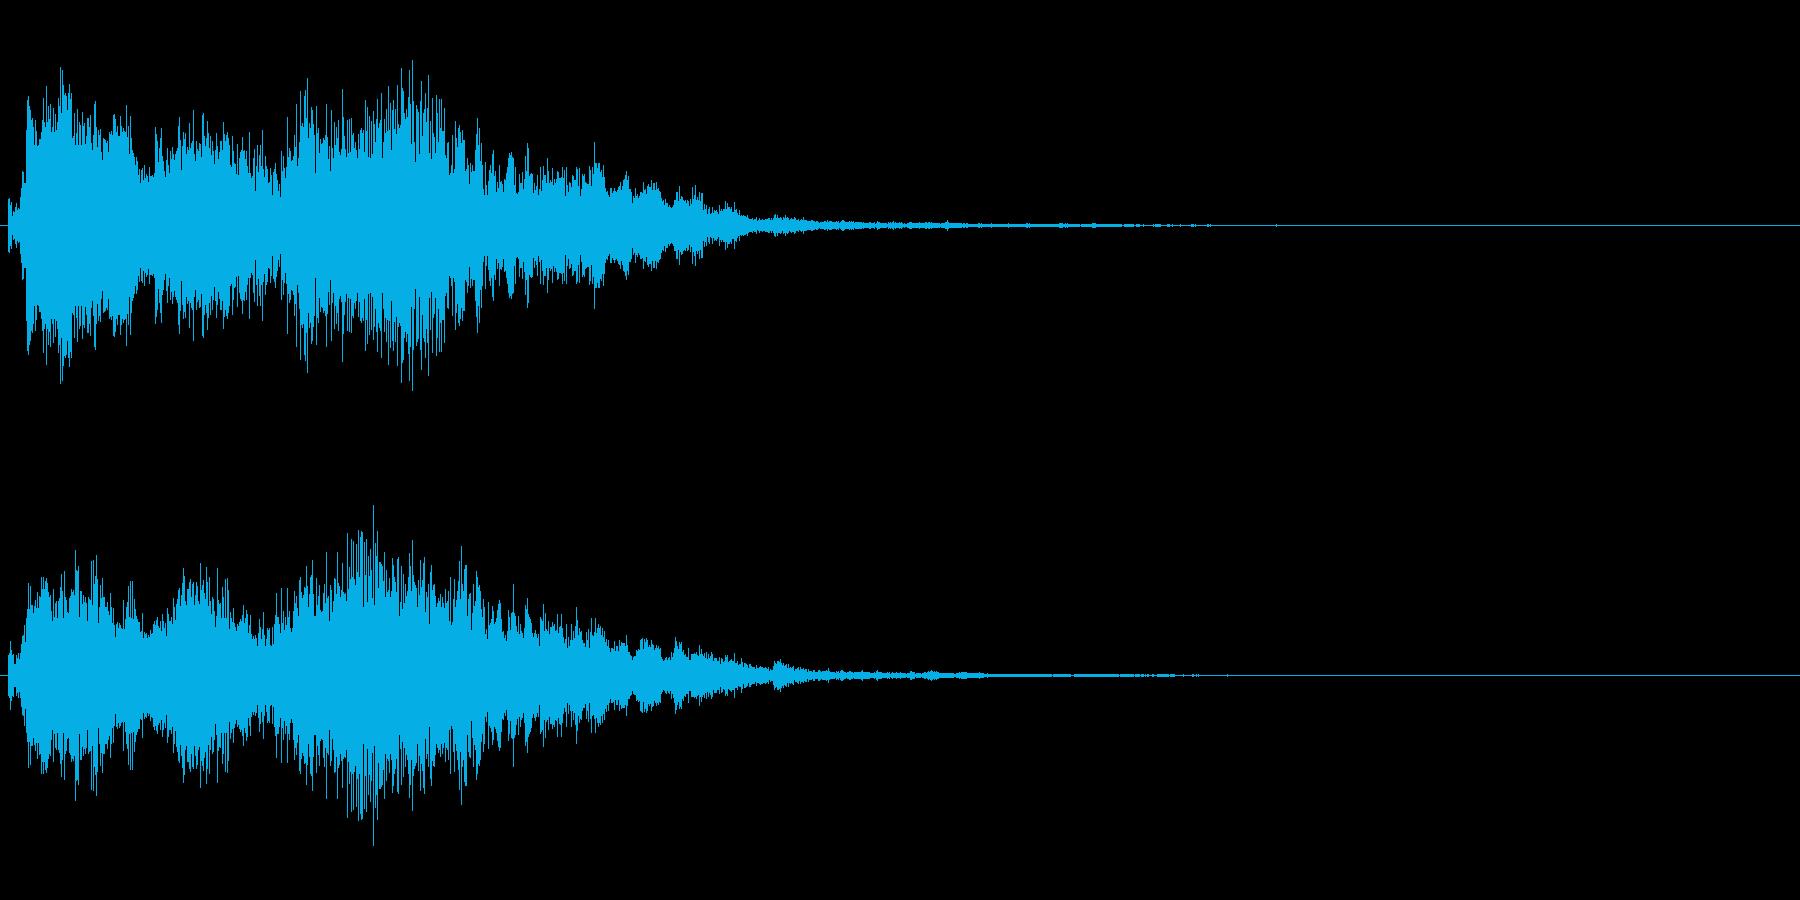 ジングル エレクトロニカ 和風の再生済みの波形